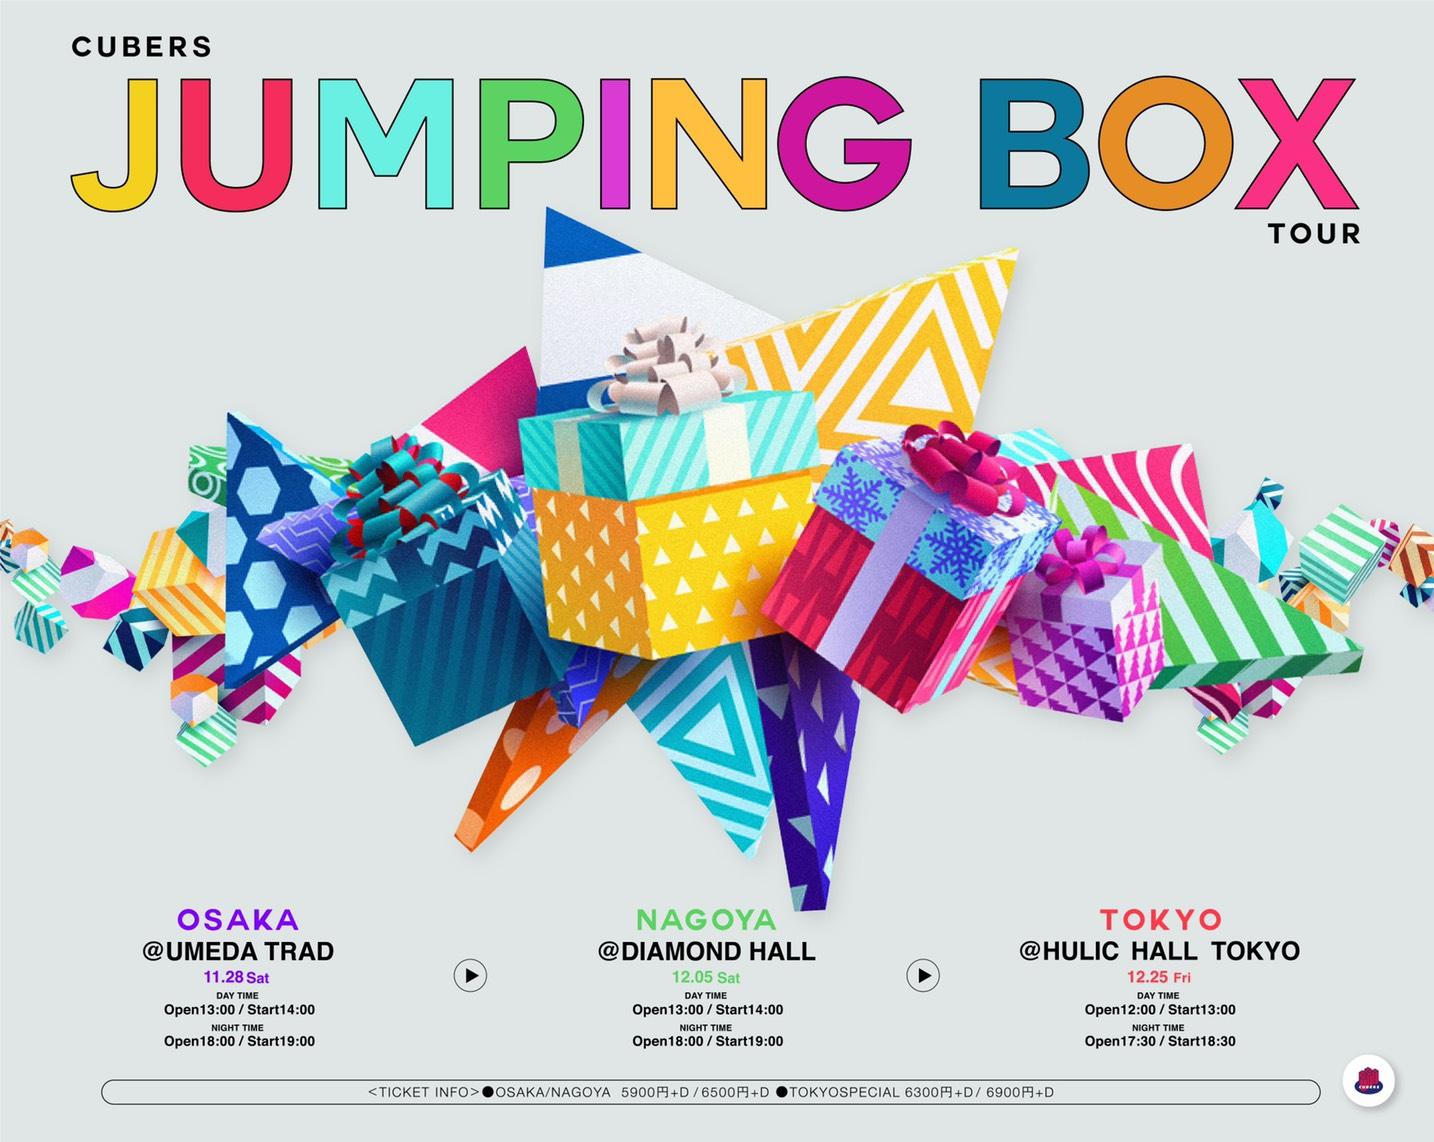 【お知らせ】12月25日(金)「JUMPING BOX TOUR Xmas Special公演」新型コロナウイルス感染対策についてのお願い